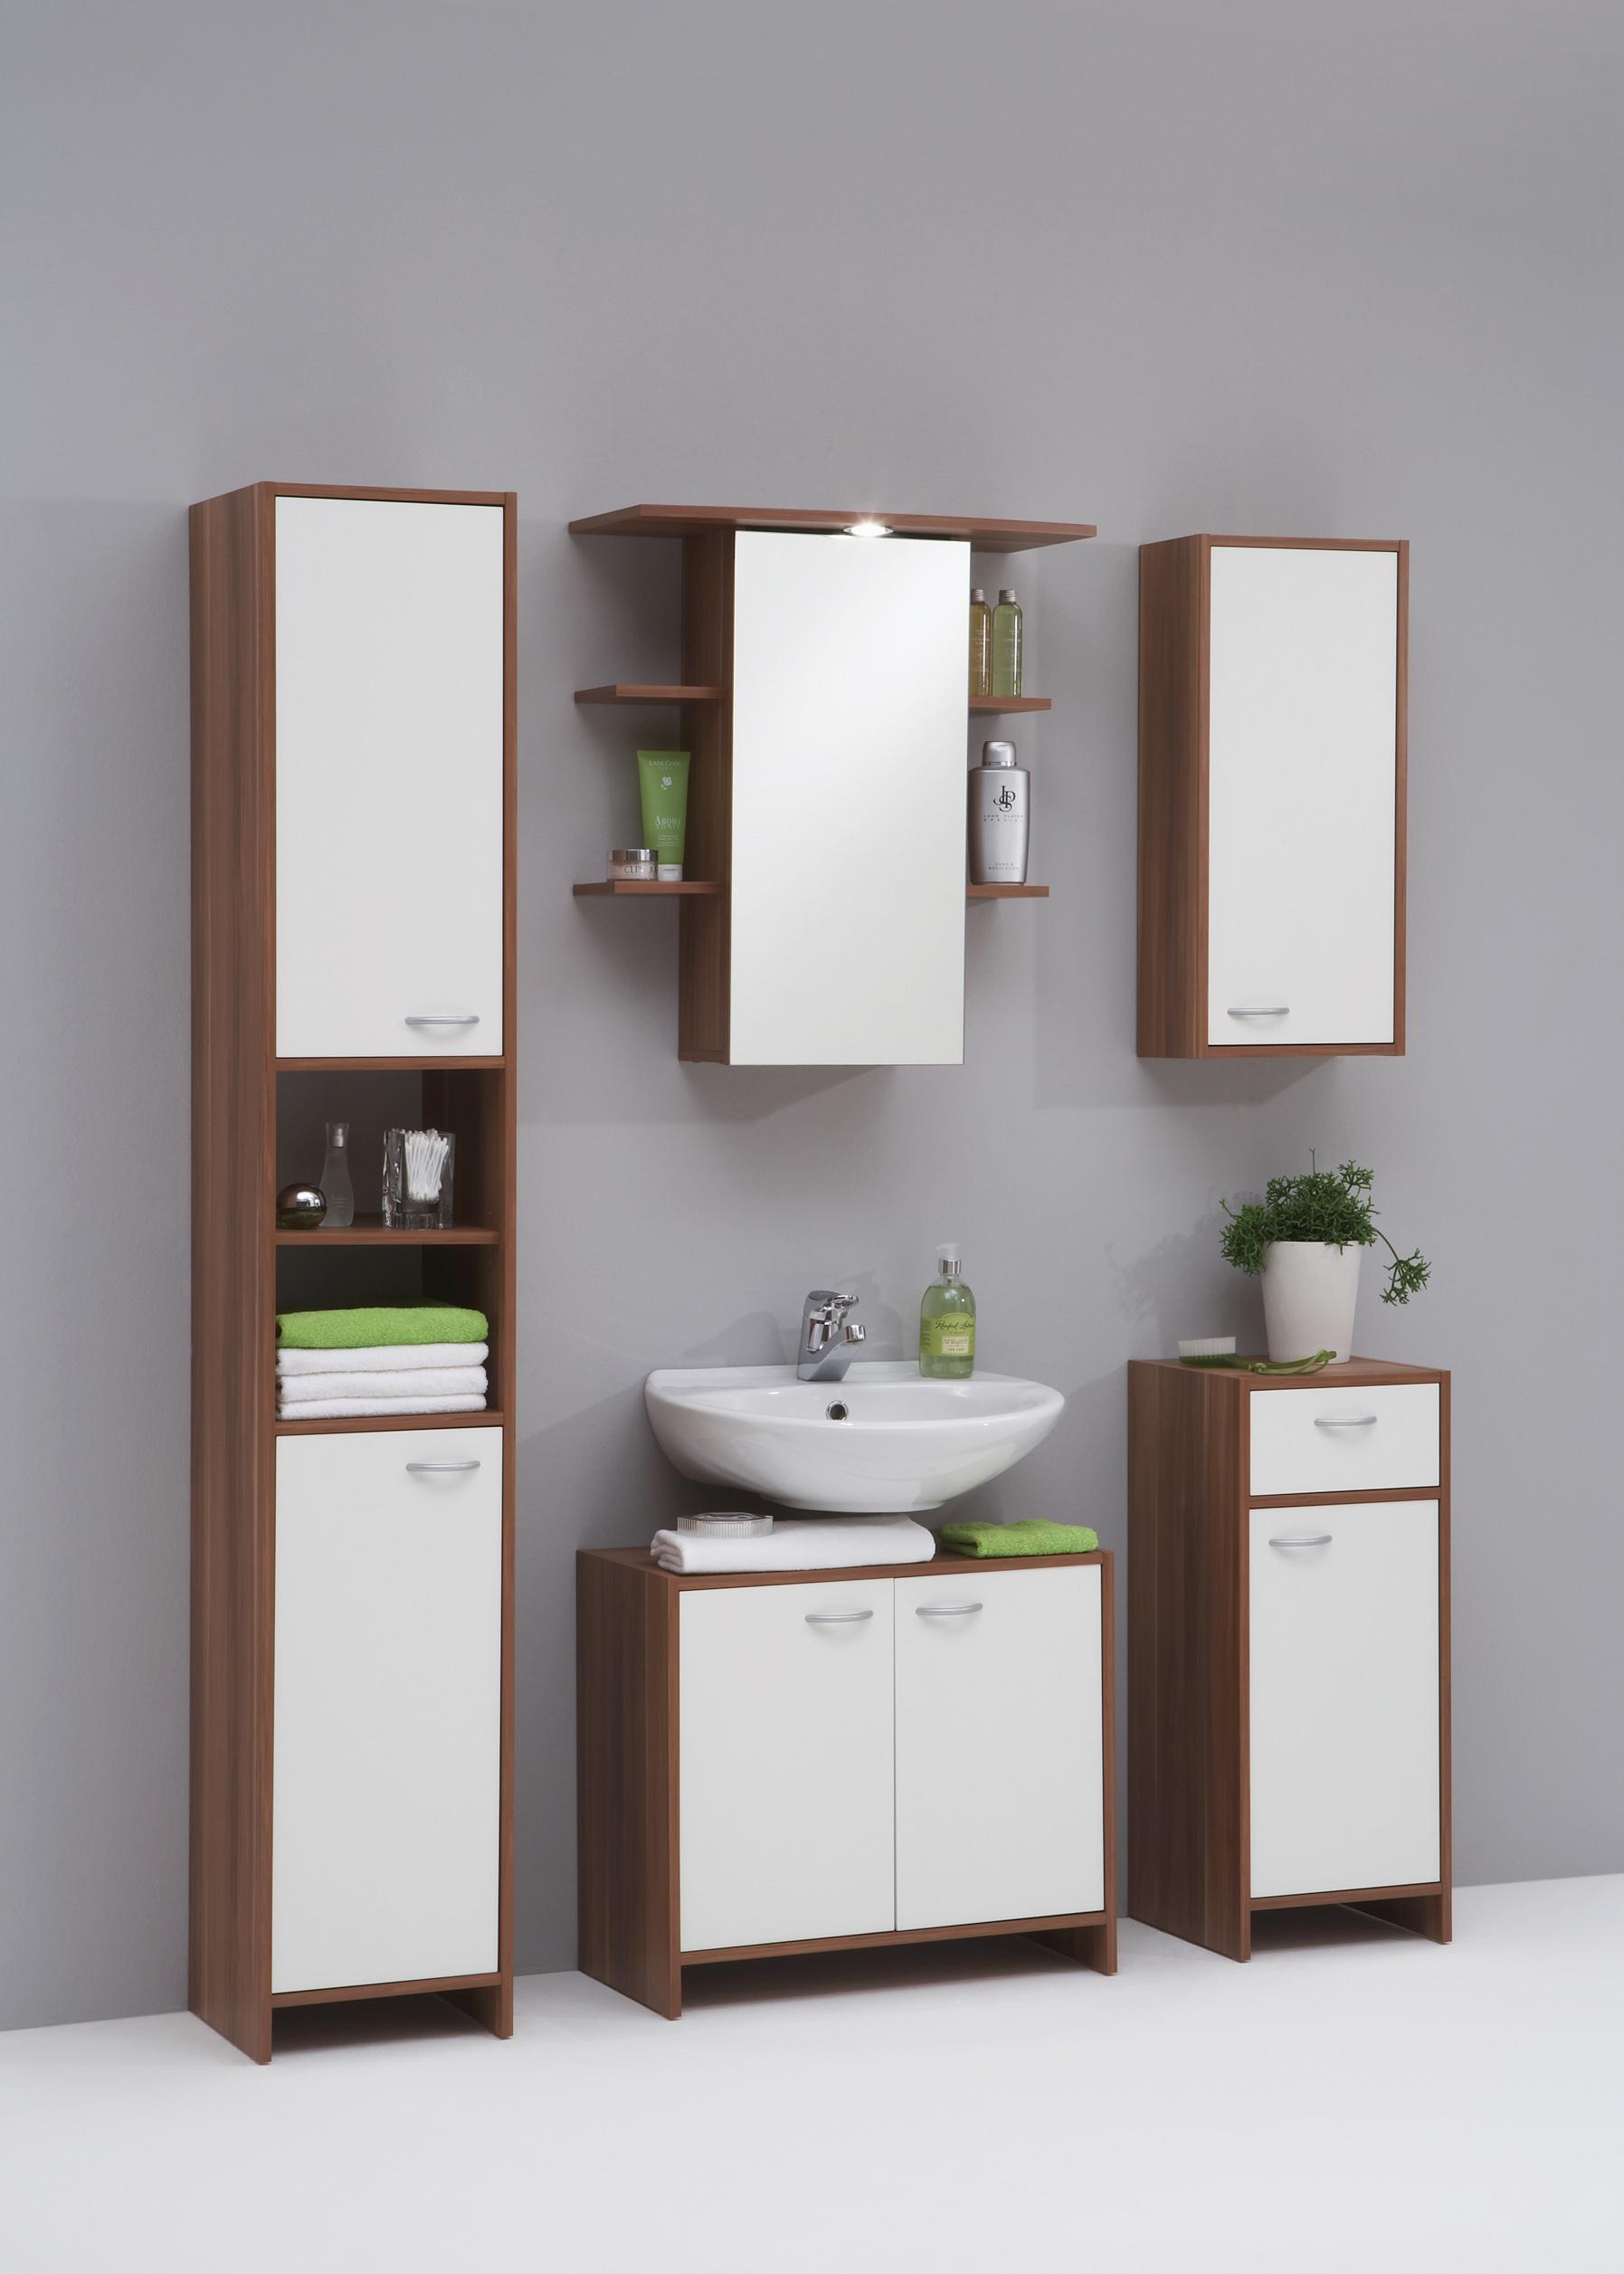 Badkamer hangkast Madrid 1 - Wit met Walnoot - Woon Woon